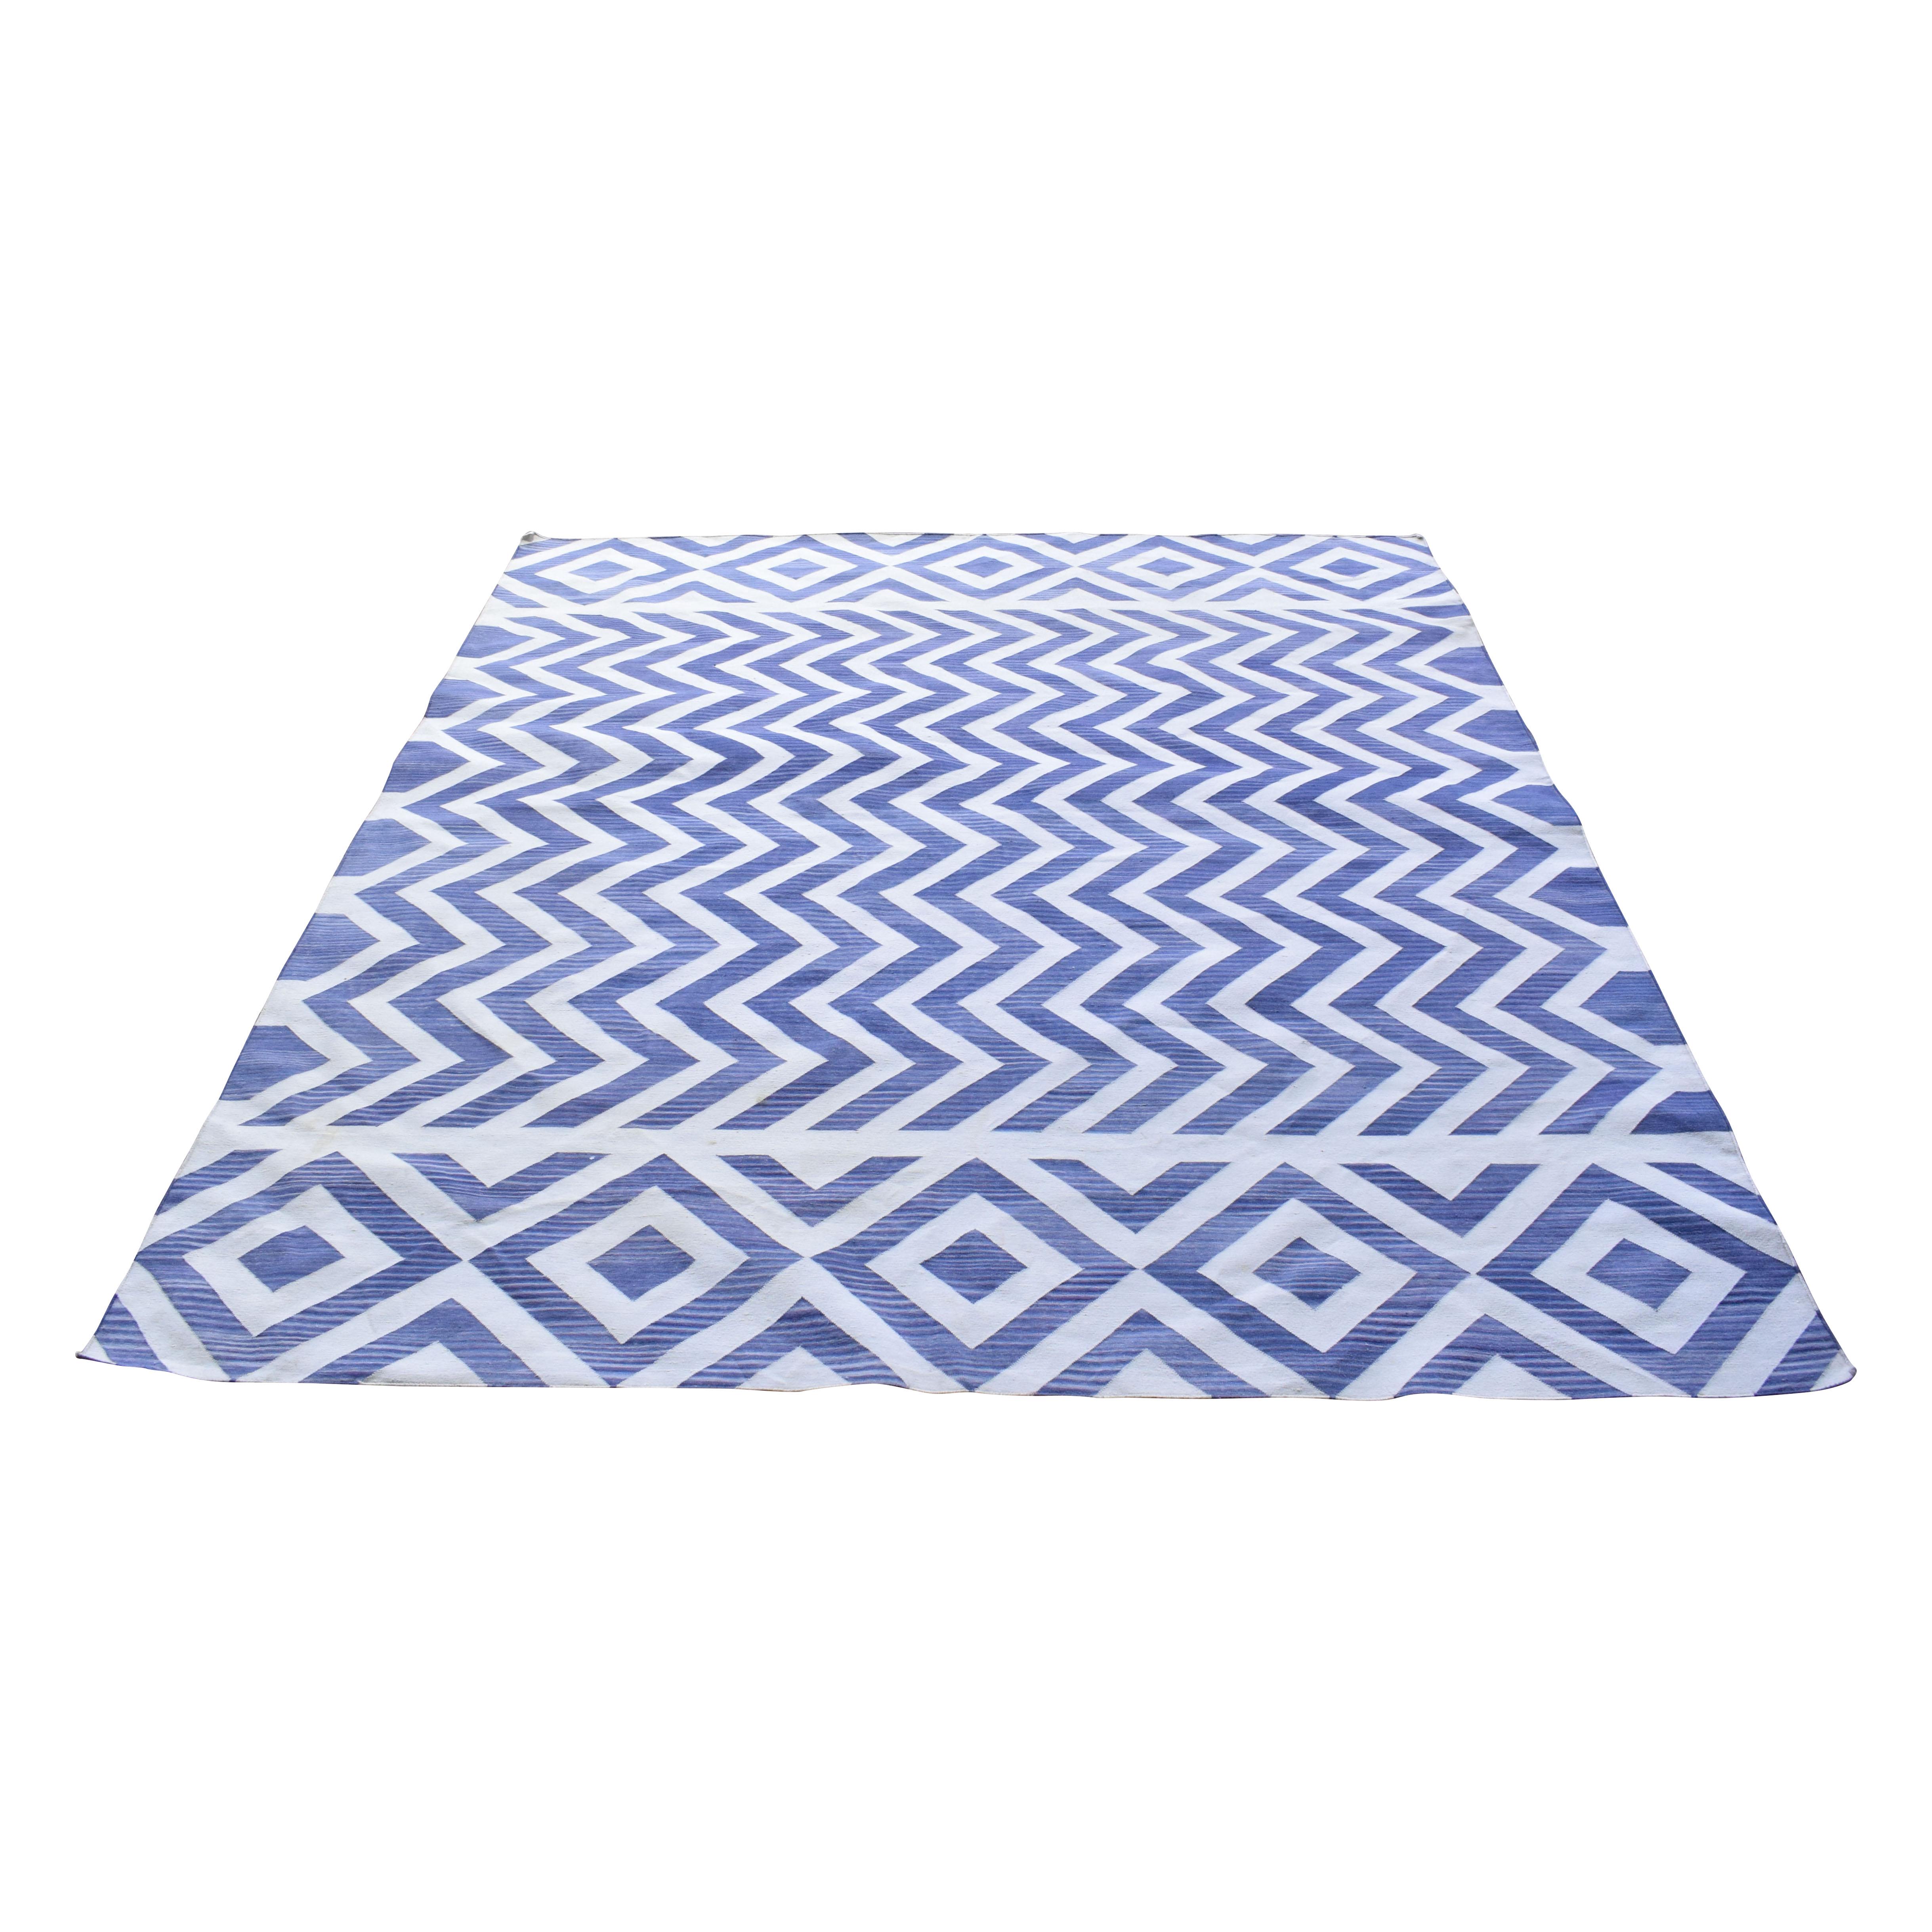 Madeline Weinrib Madeline Weinrib Amagansett Indigo Lupe Cotton Carpet price